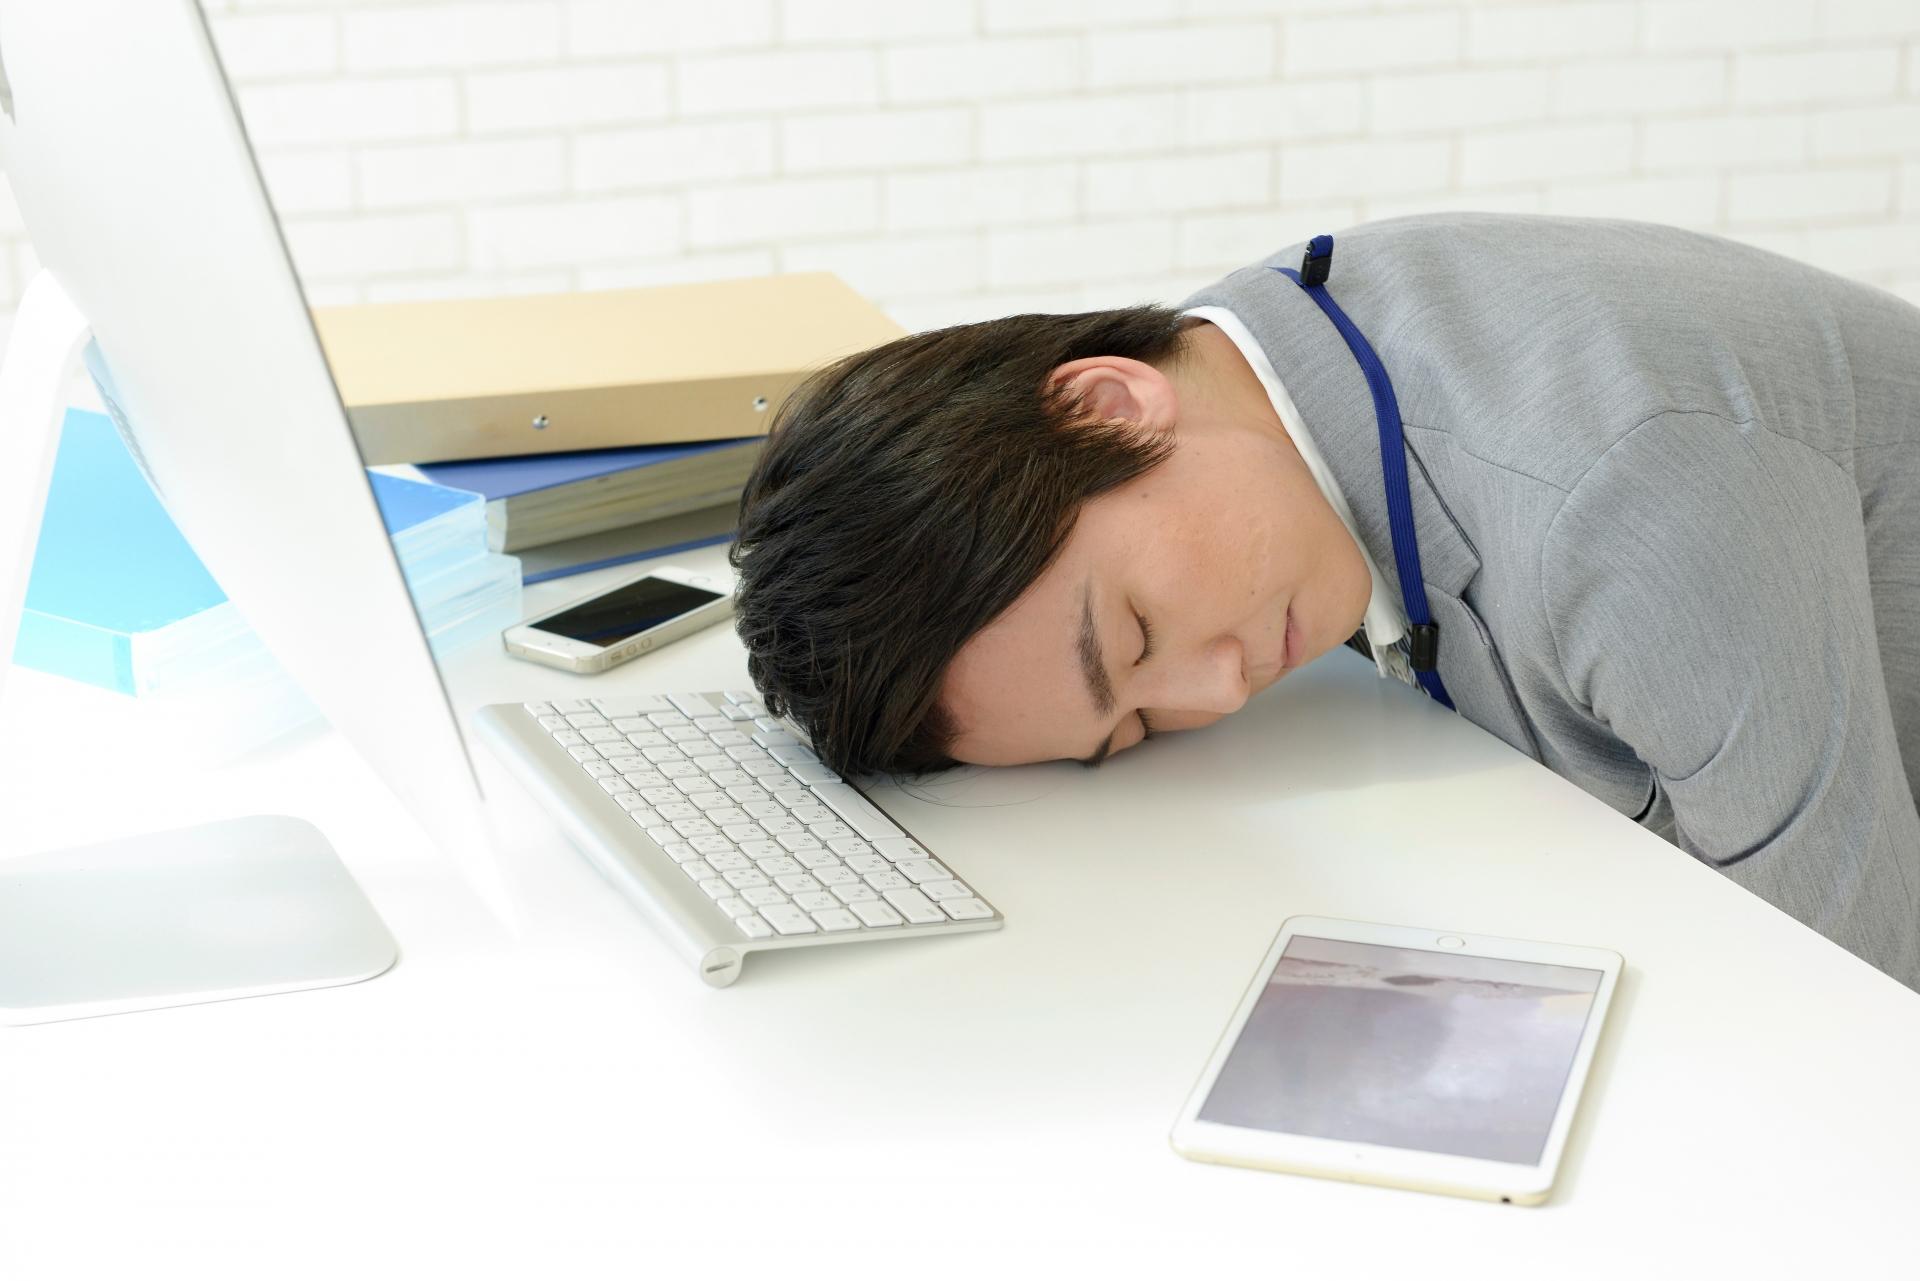 彼氏が電話中に寝るのはこんな理由かも。彼の気持ちと対処法